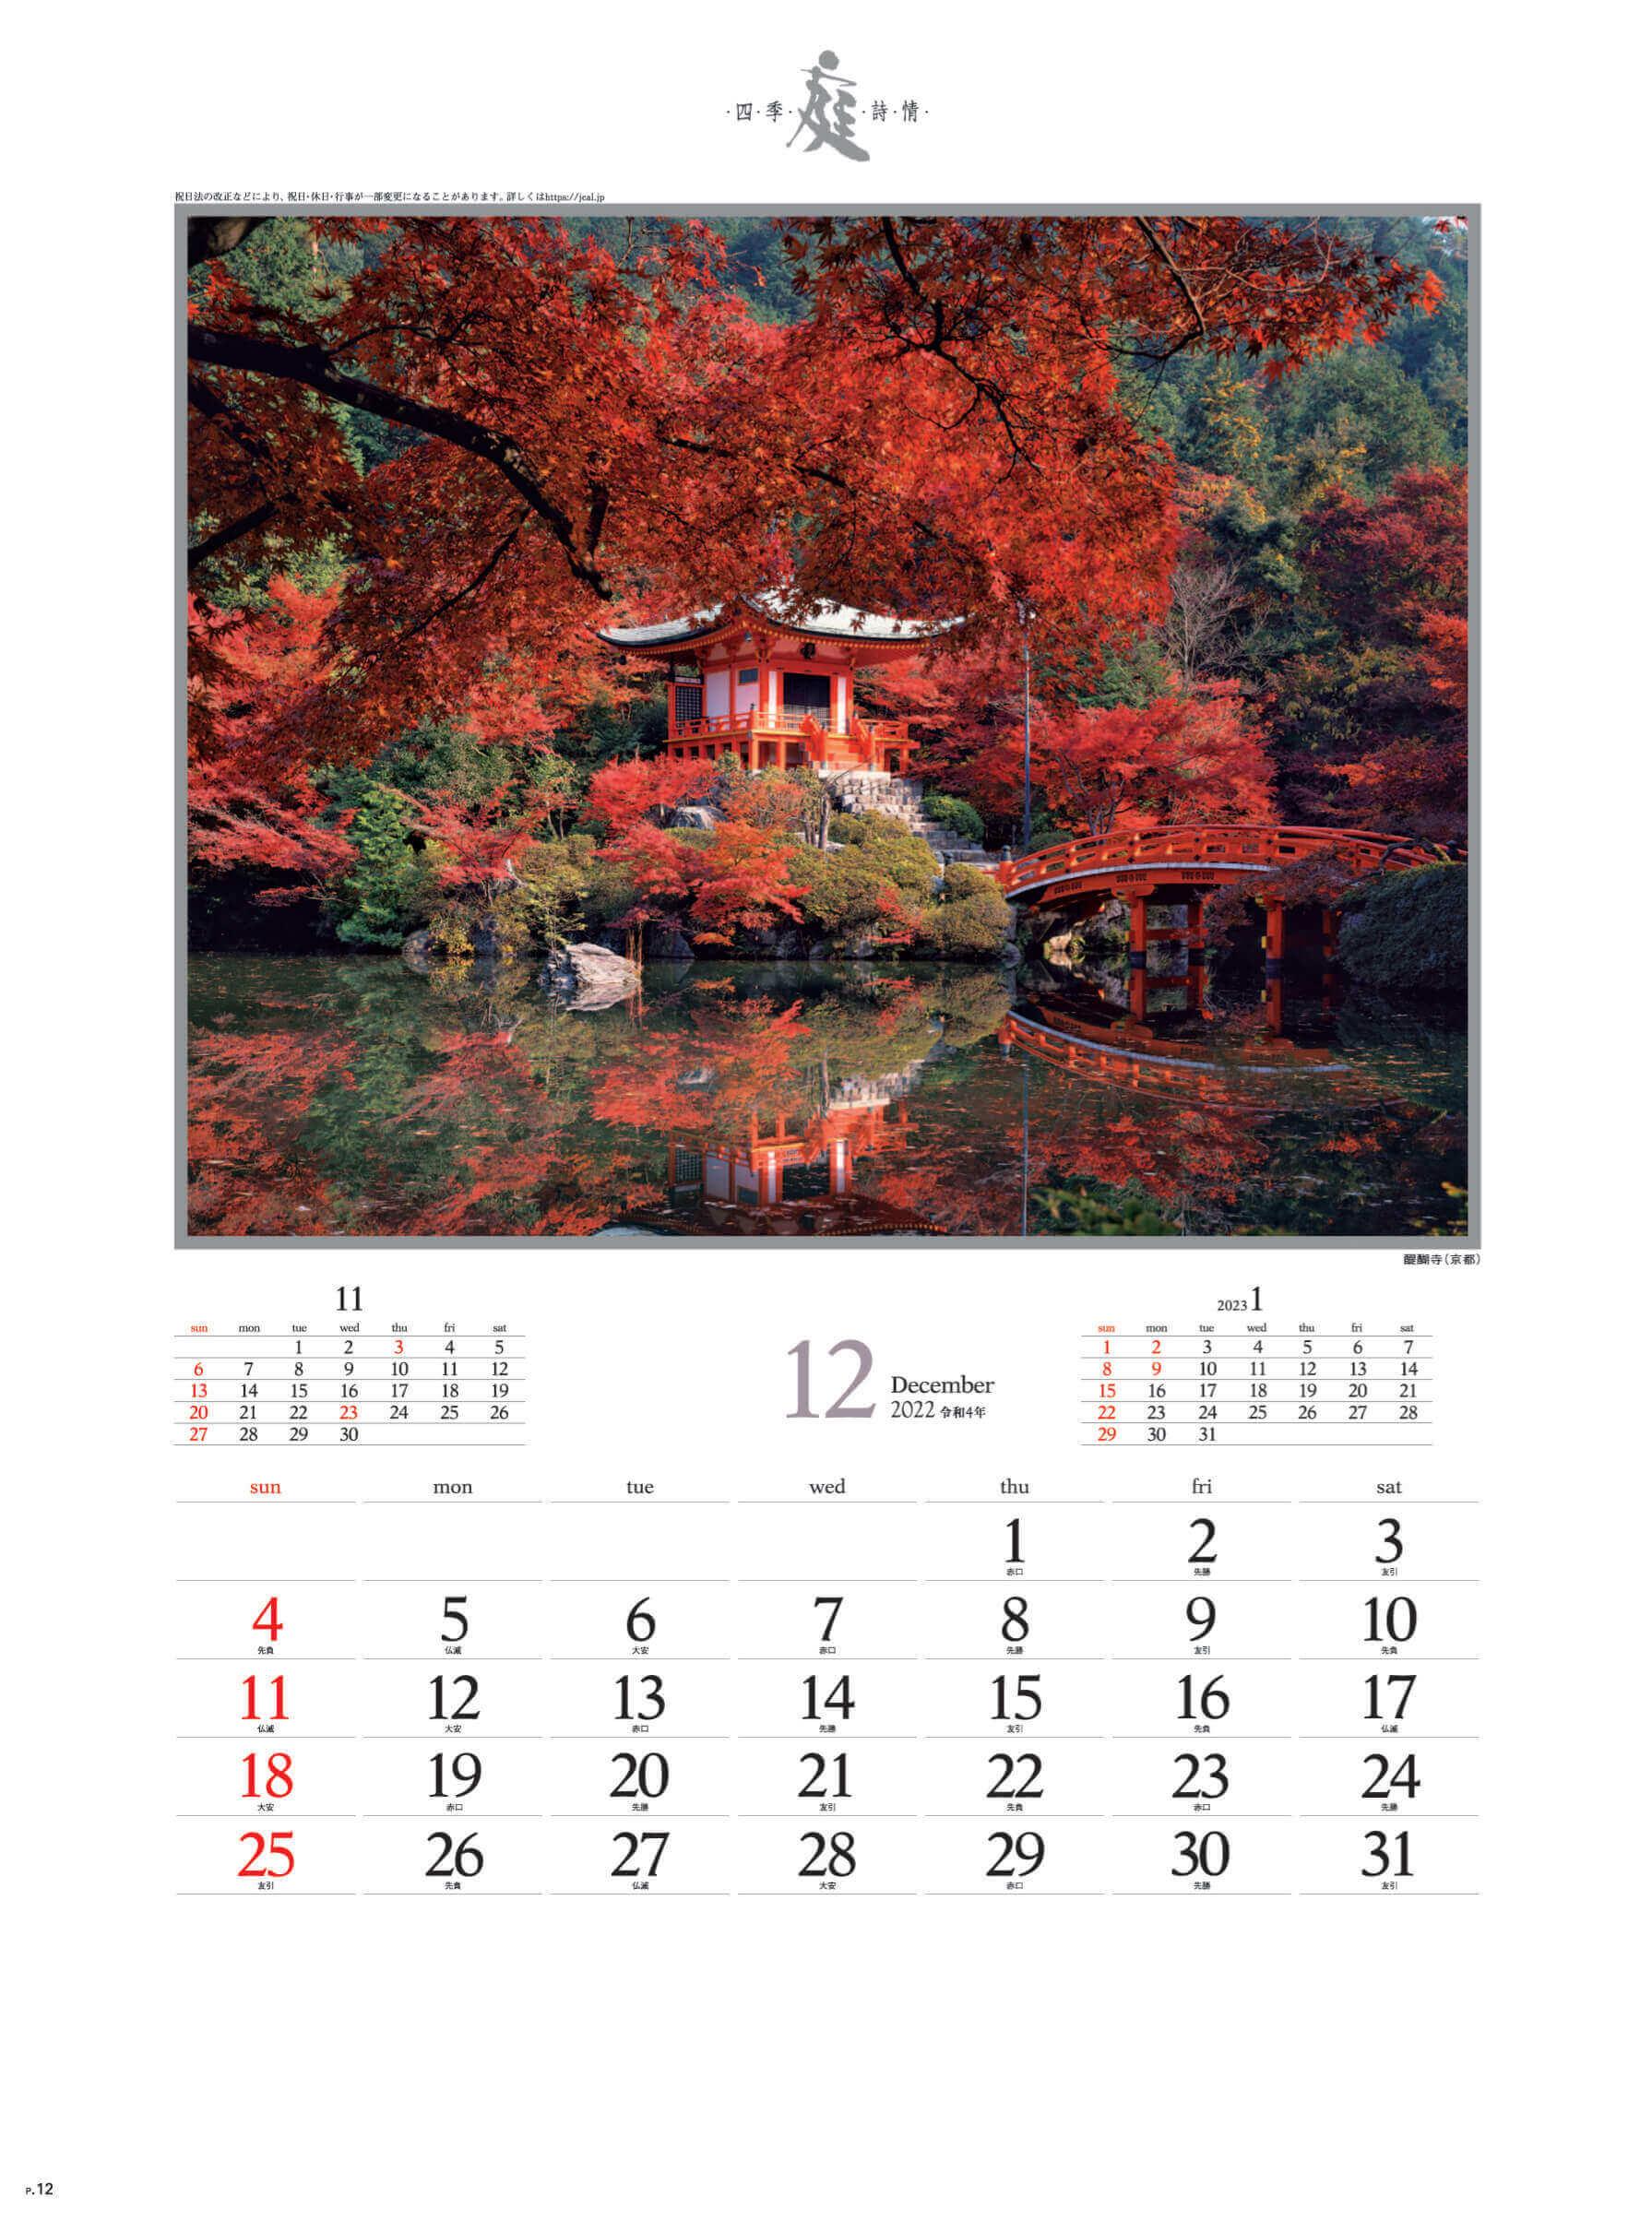 12月 醍醐寺(京都) 庭・四季詩情 2022年カレンダーの画像